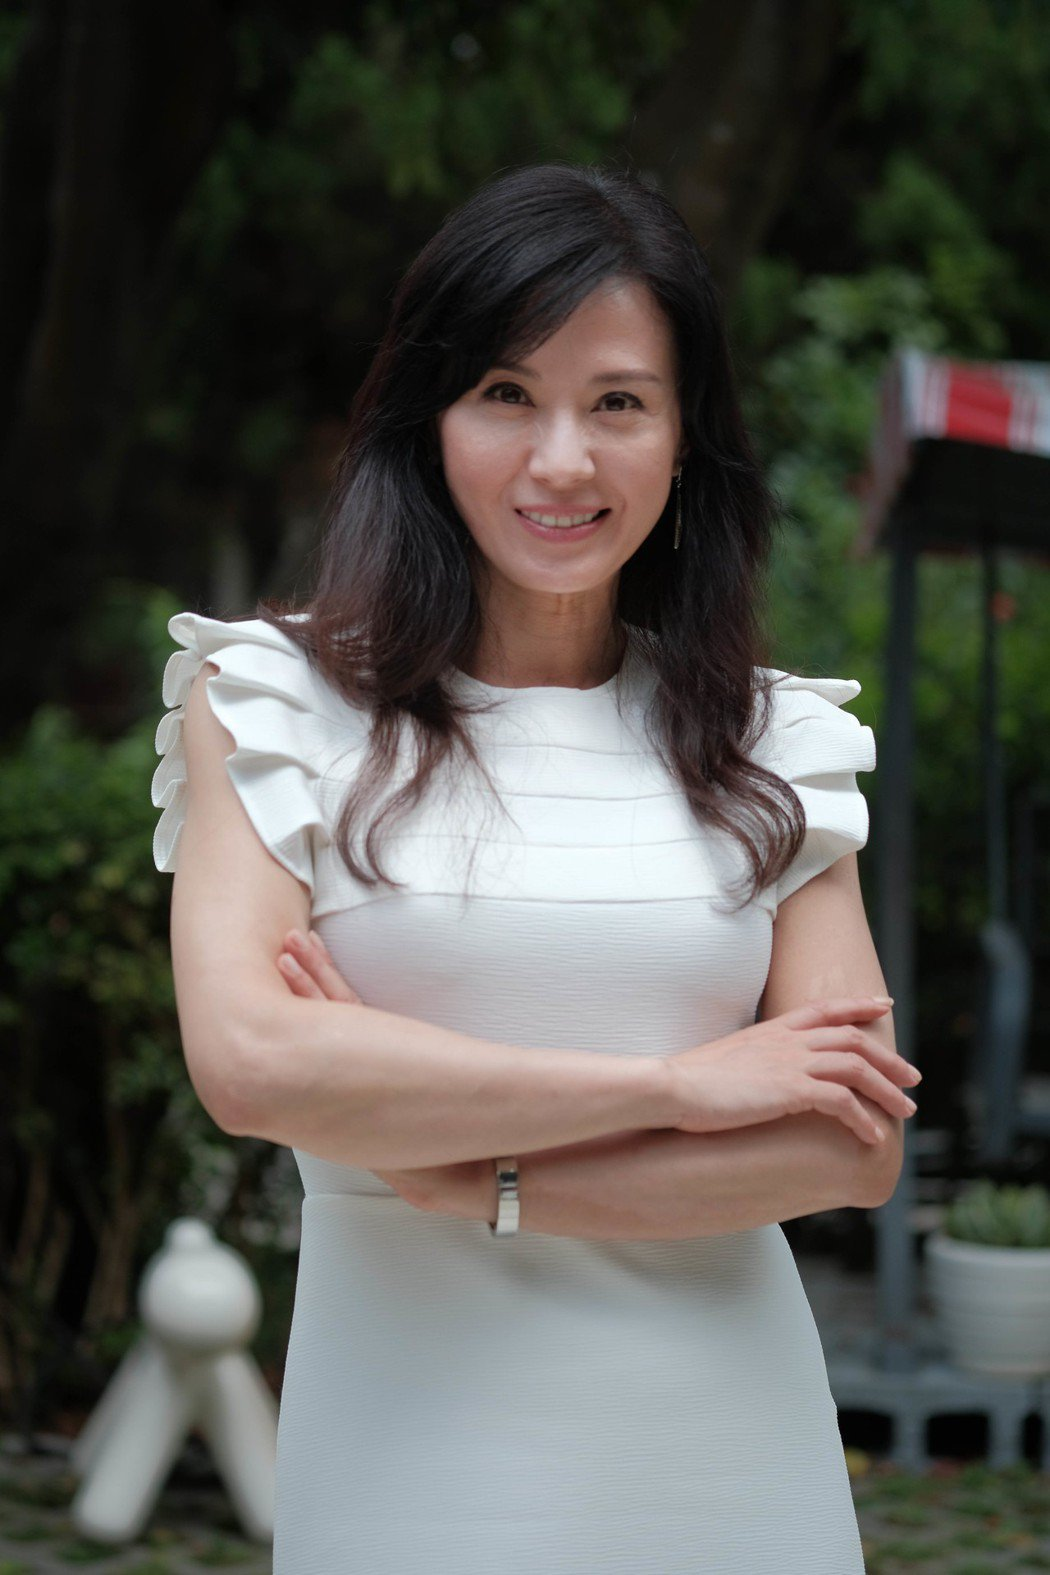 涂善妮自稱在戀愛中「不浪漫」。圖/TVBS提供